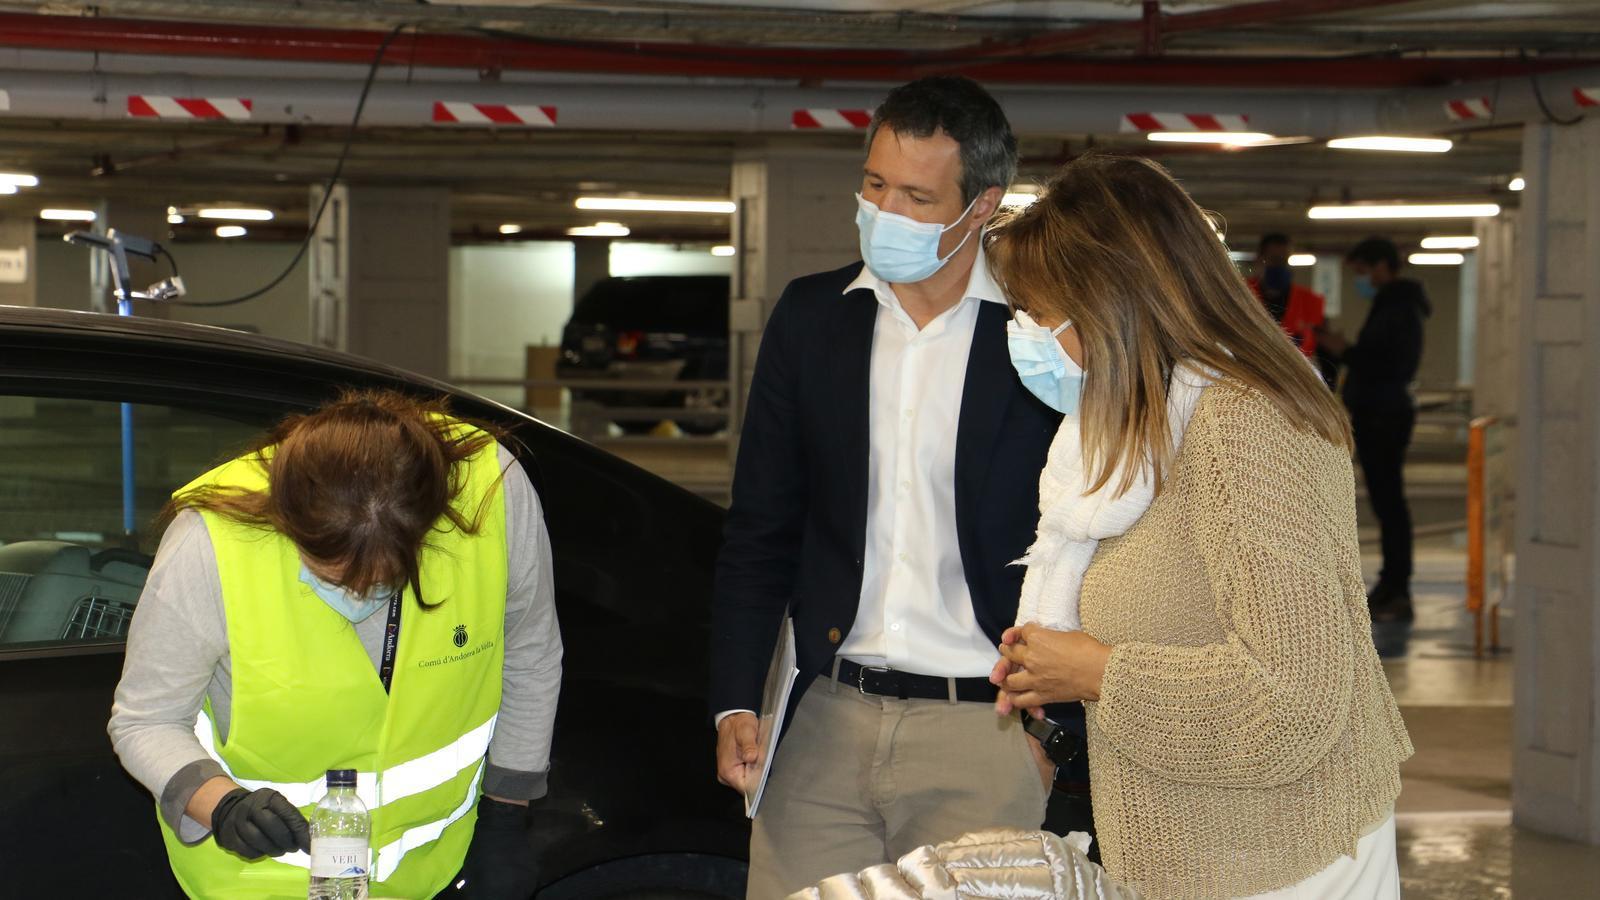 La cònsol major d'Andorra la Vella, Conxita Marsol, i el cònsol menor d'Andorra la Vella, David Astrié, han visitat l''stop lab' situat a l'aparcament Centre Ciutat de la plaça Rebés. / E.C. (ANA)